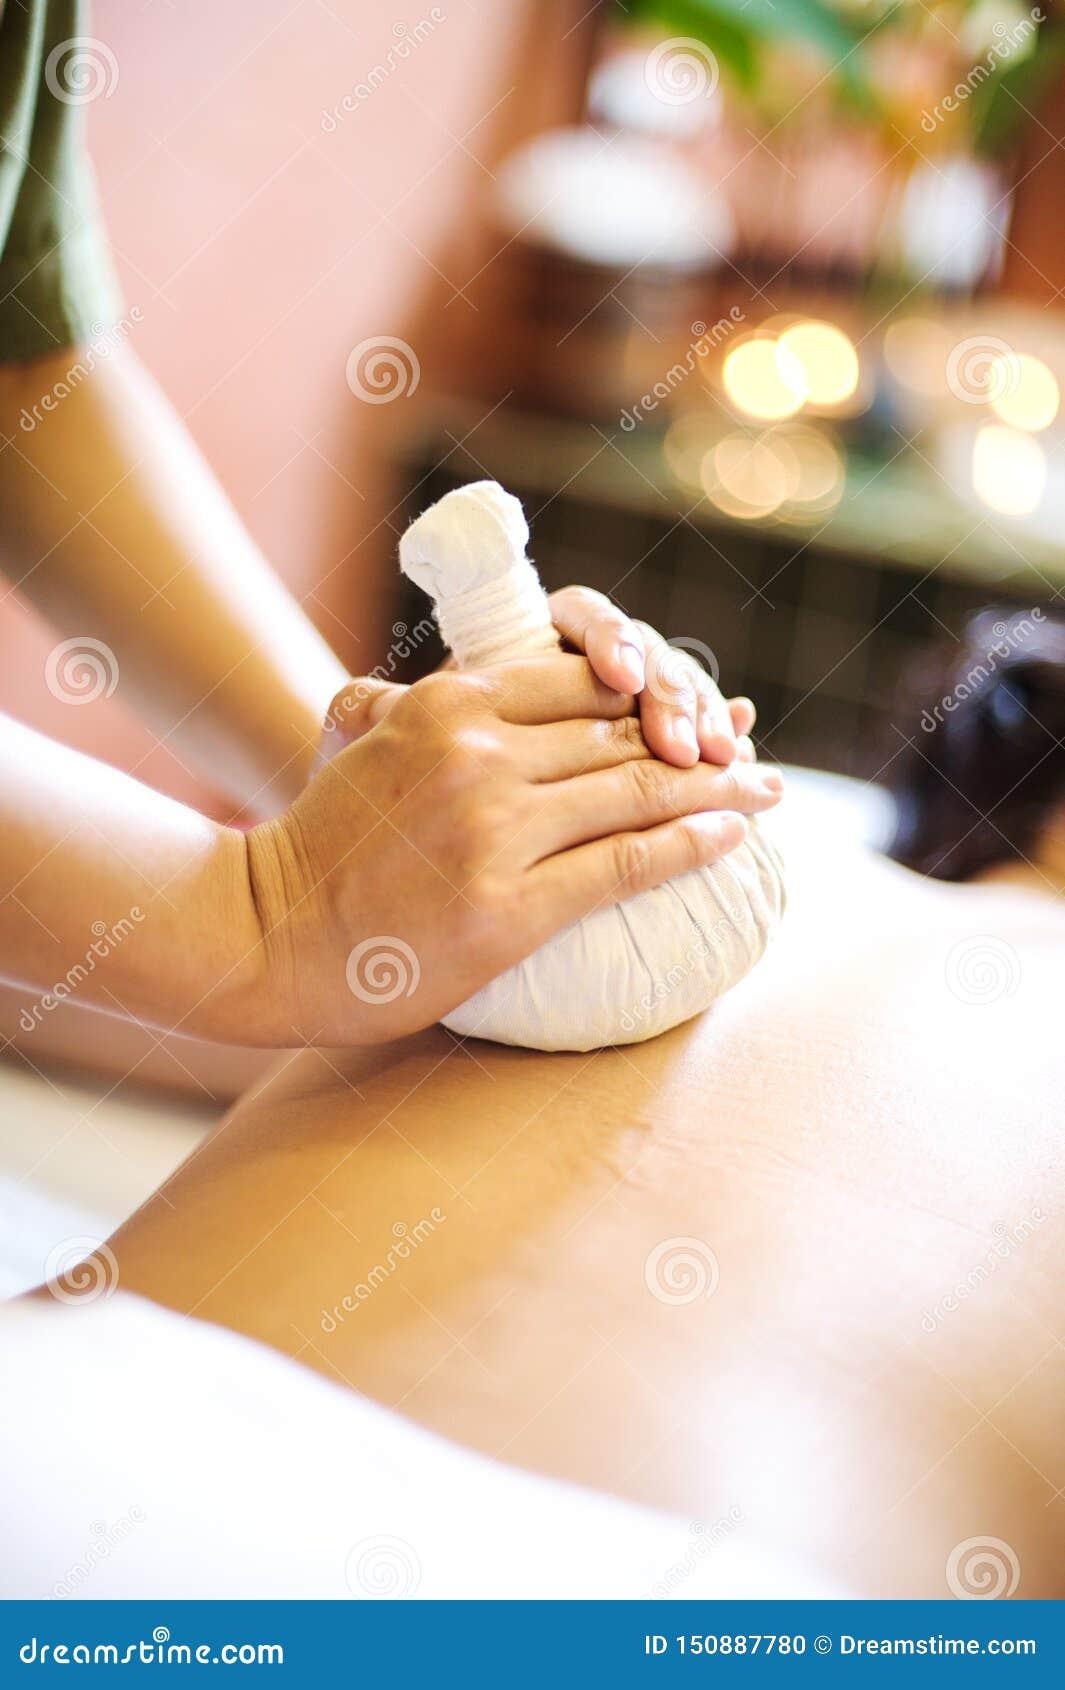 A massage therapist giving a back massage